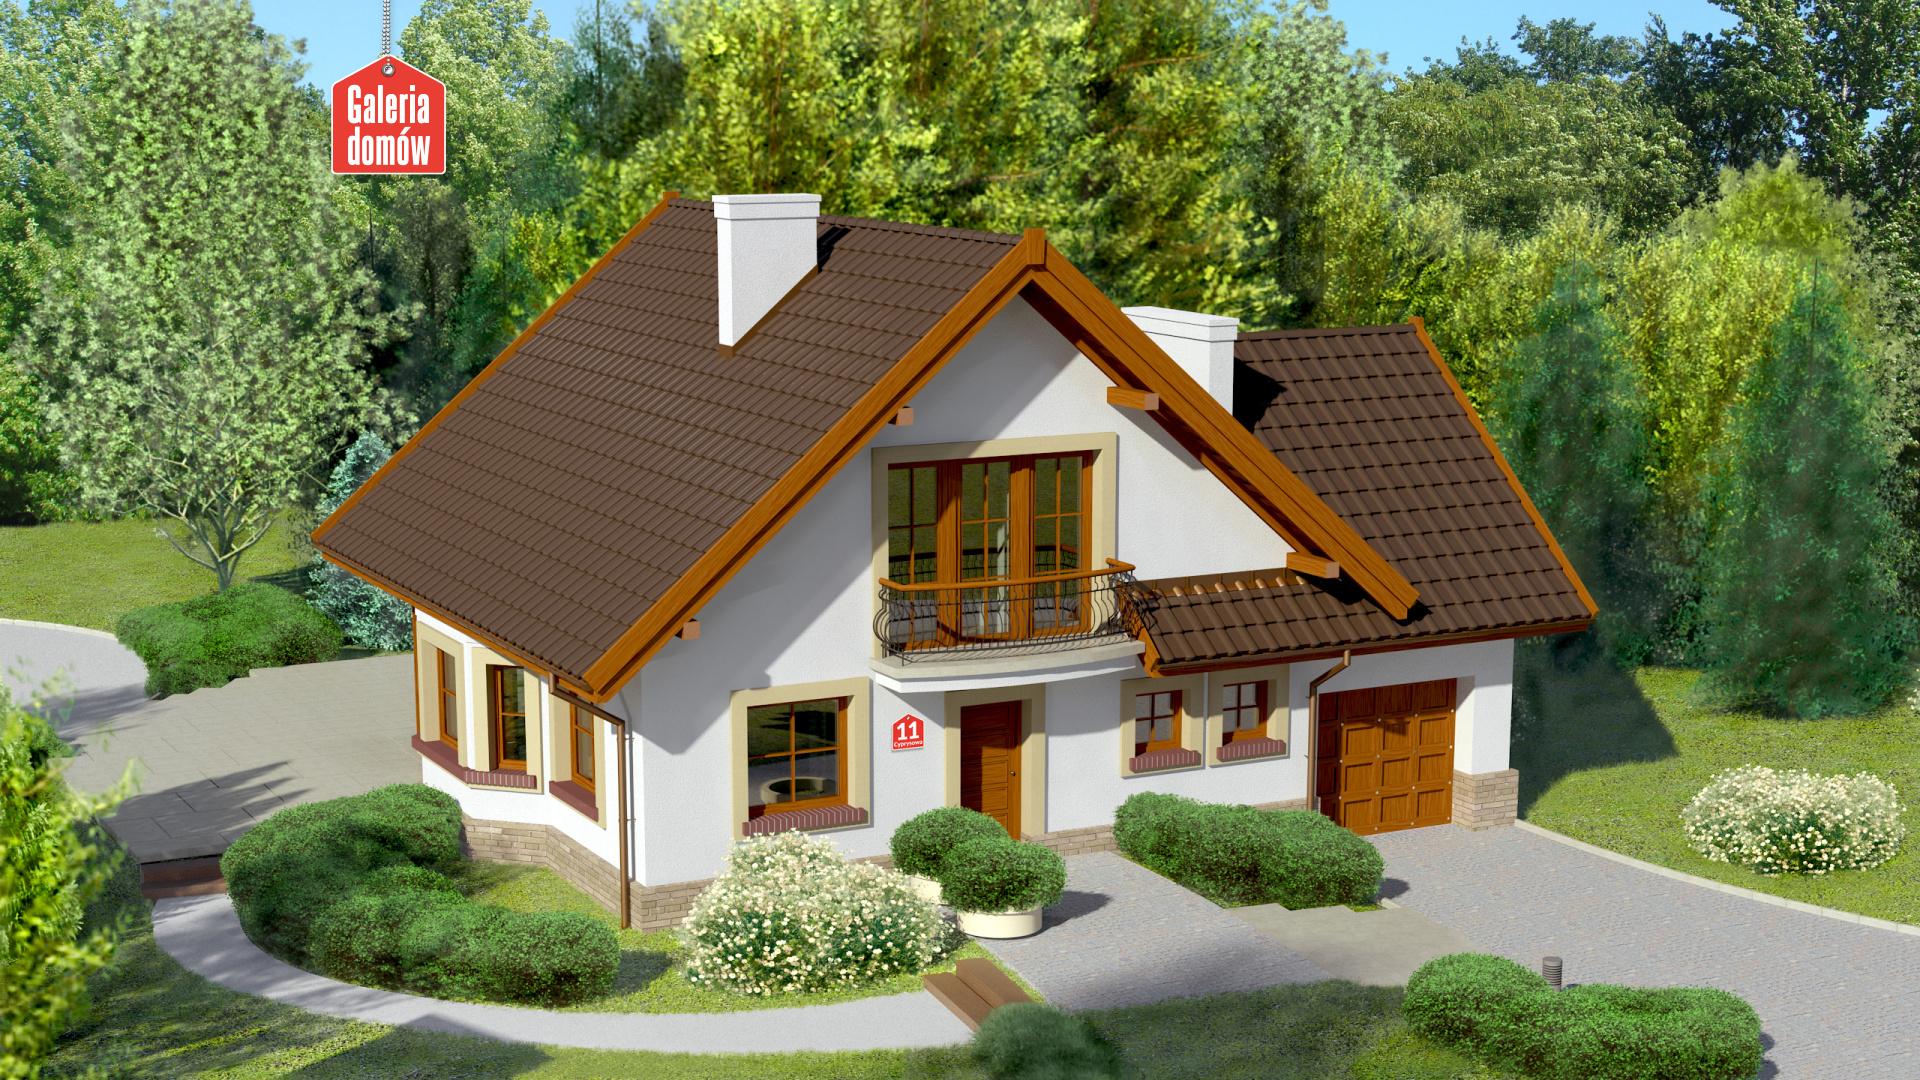 Dom przy Cyprysowej 11 - zdjęcie projektu i wizualizacja